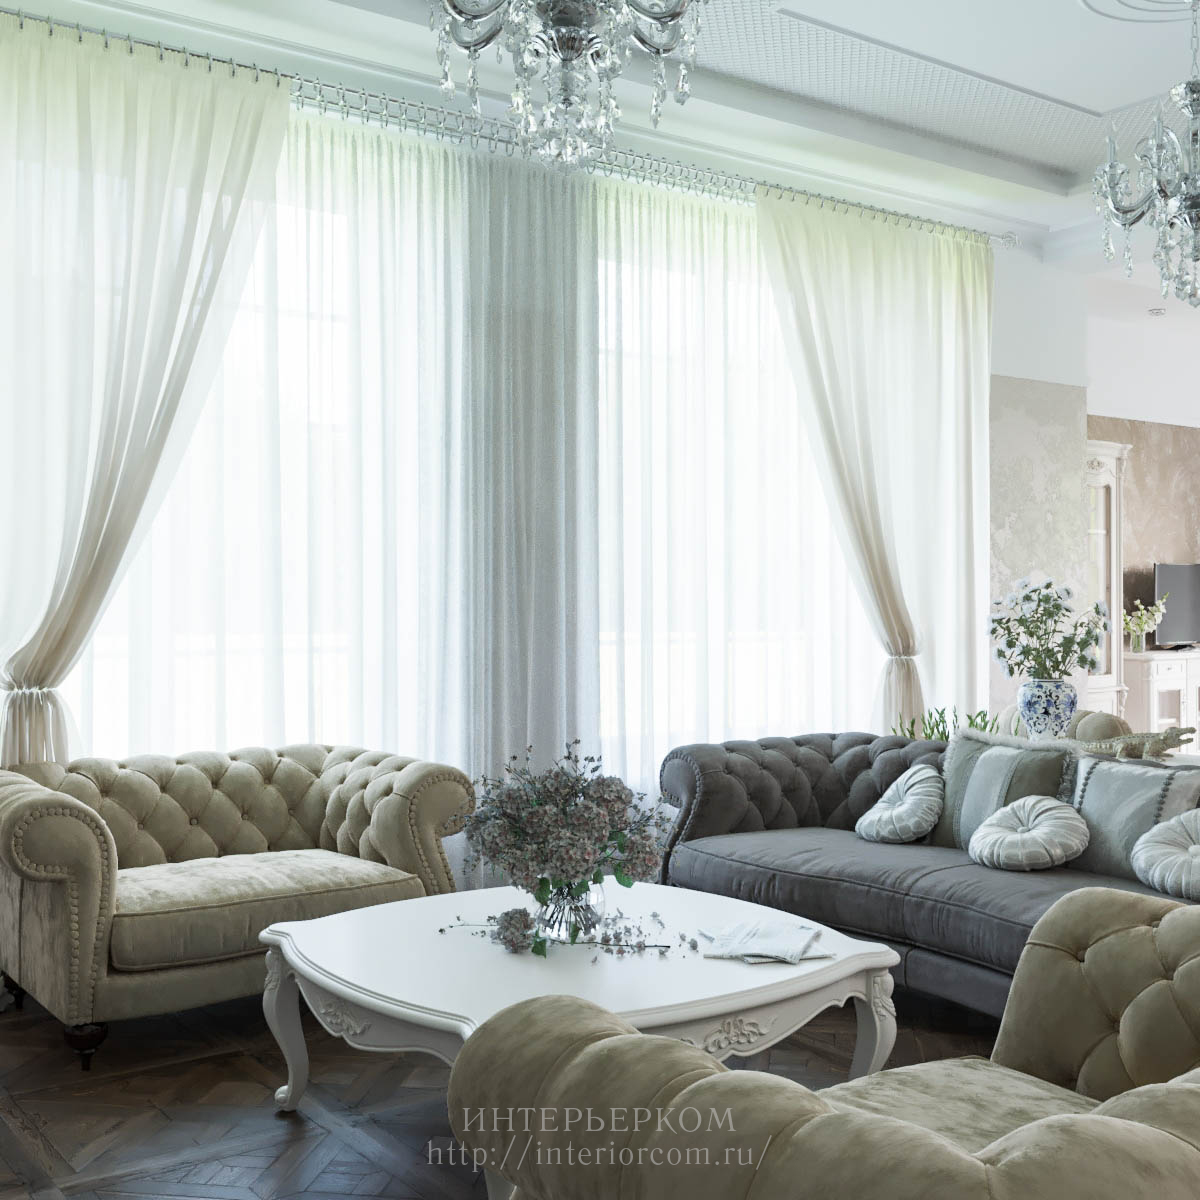 окна в частном доме панорамные, дизайн